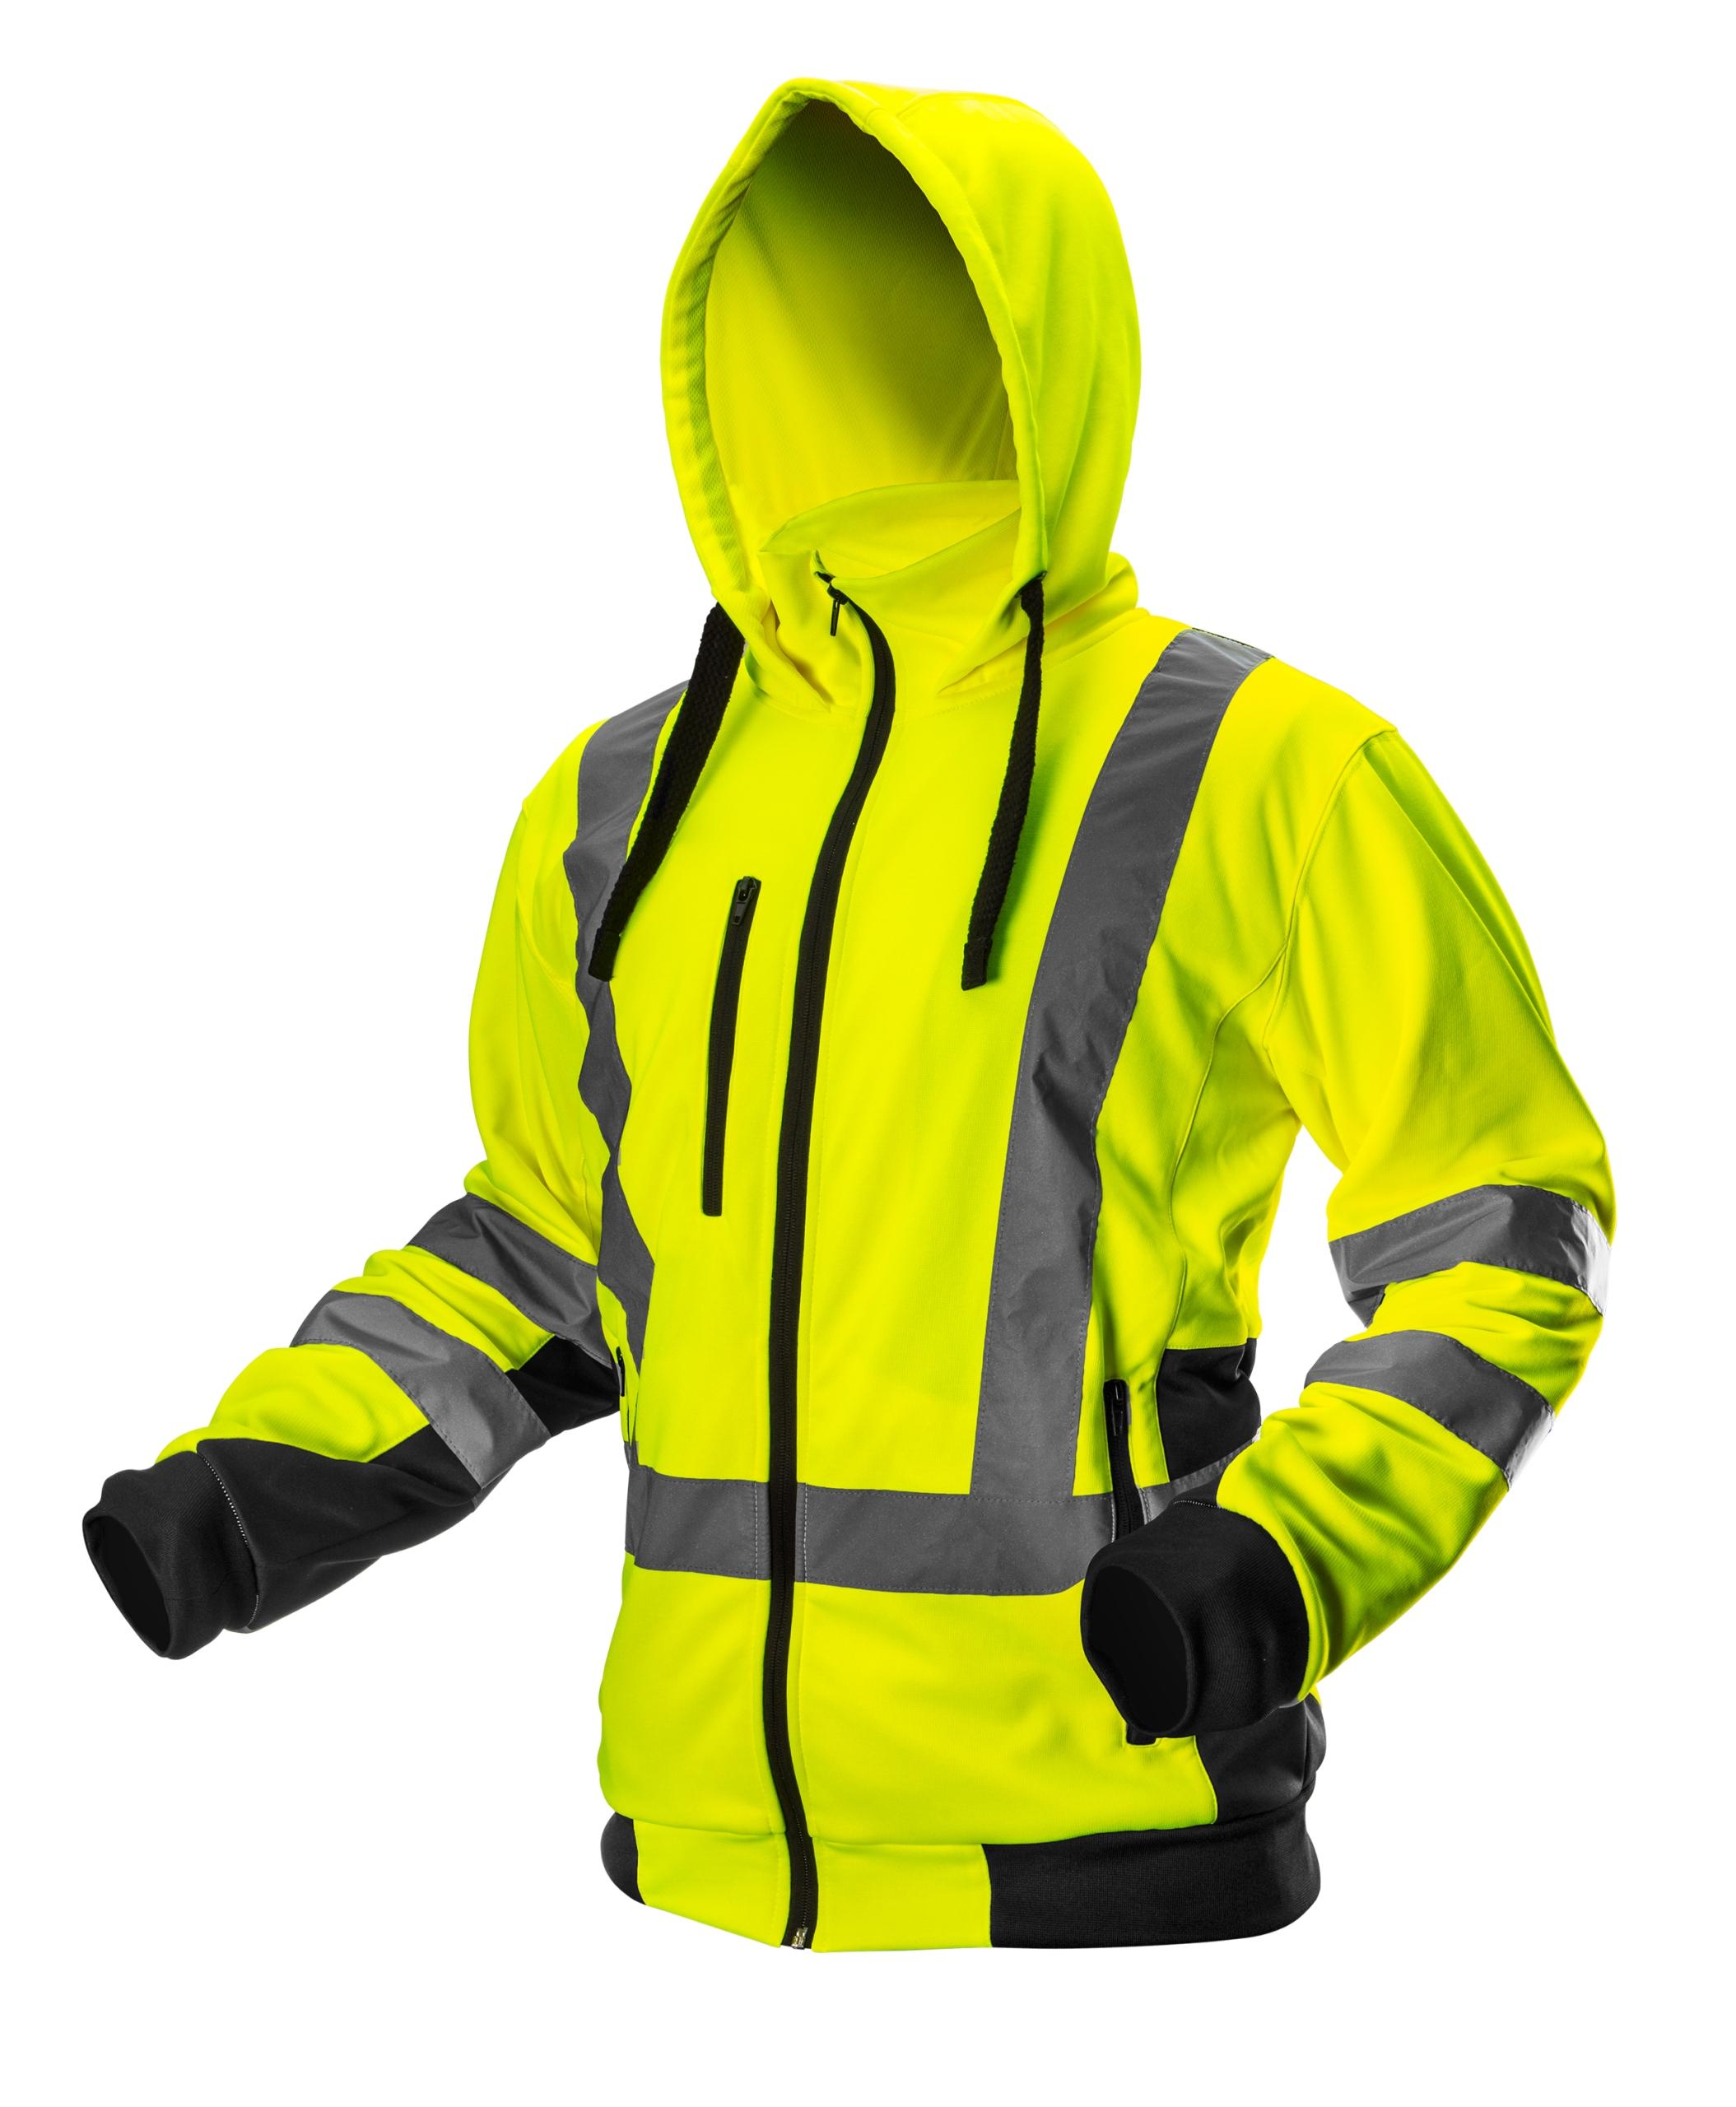 NEO Толстовка с капюшоном флис куртка рабочая сигнальный желтый